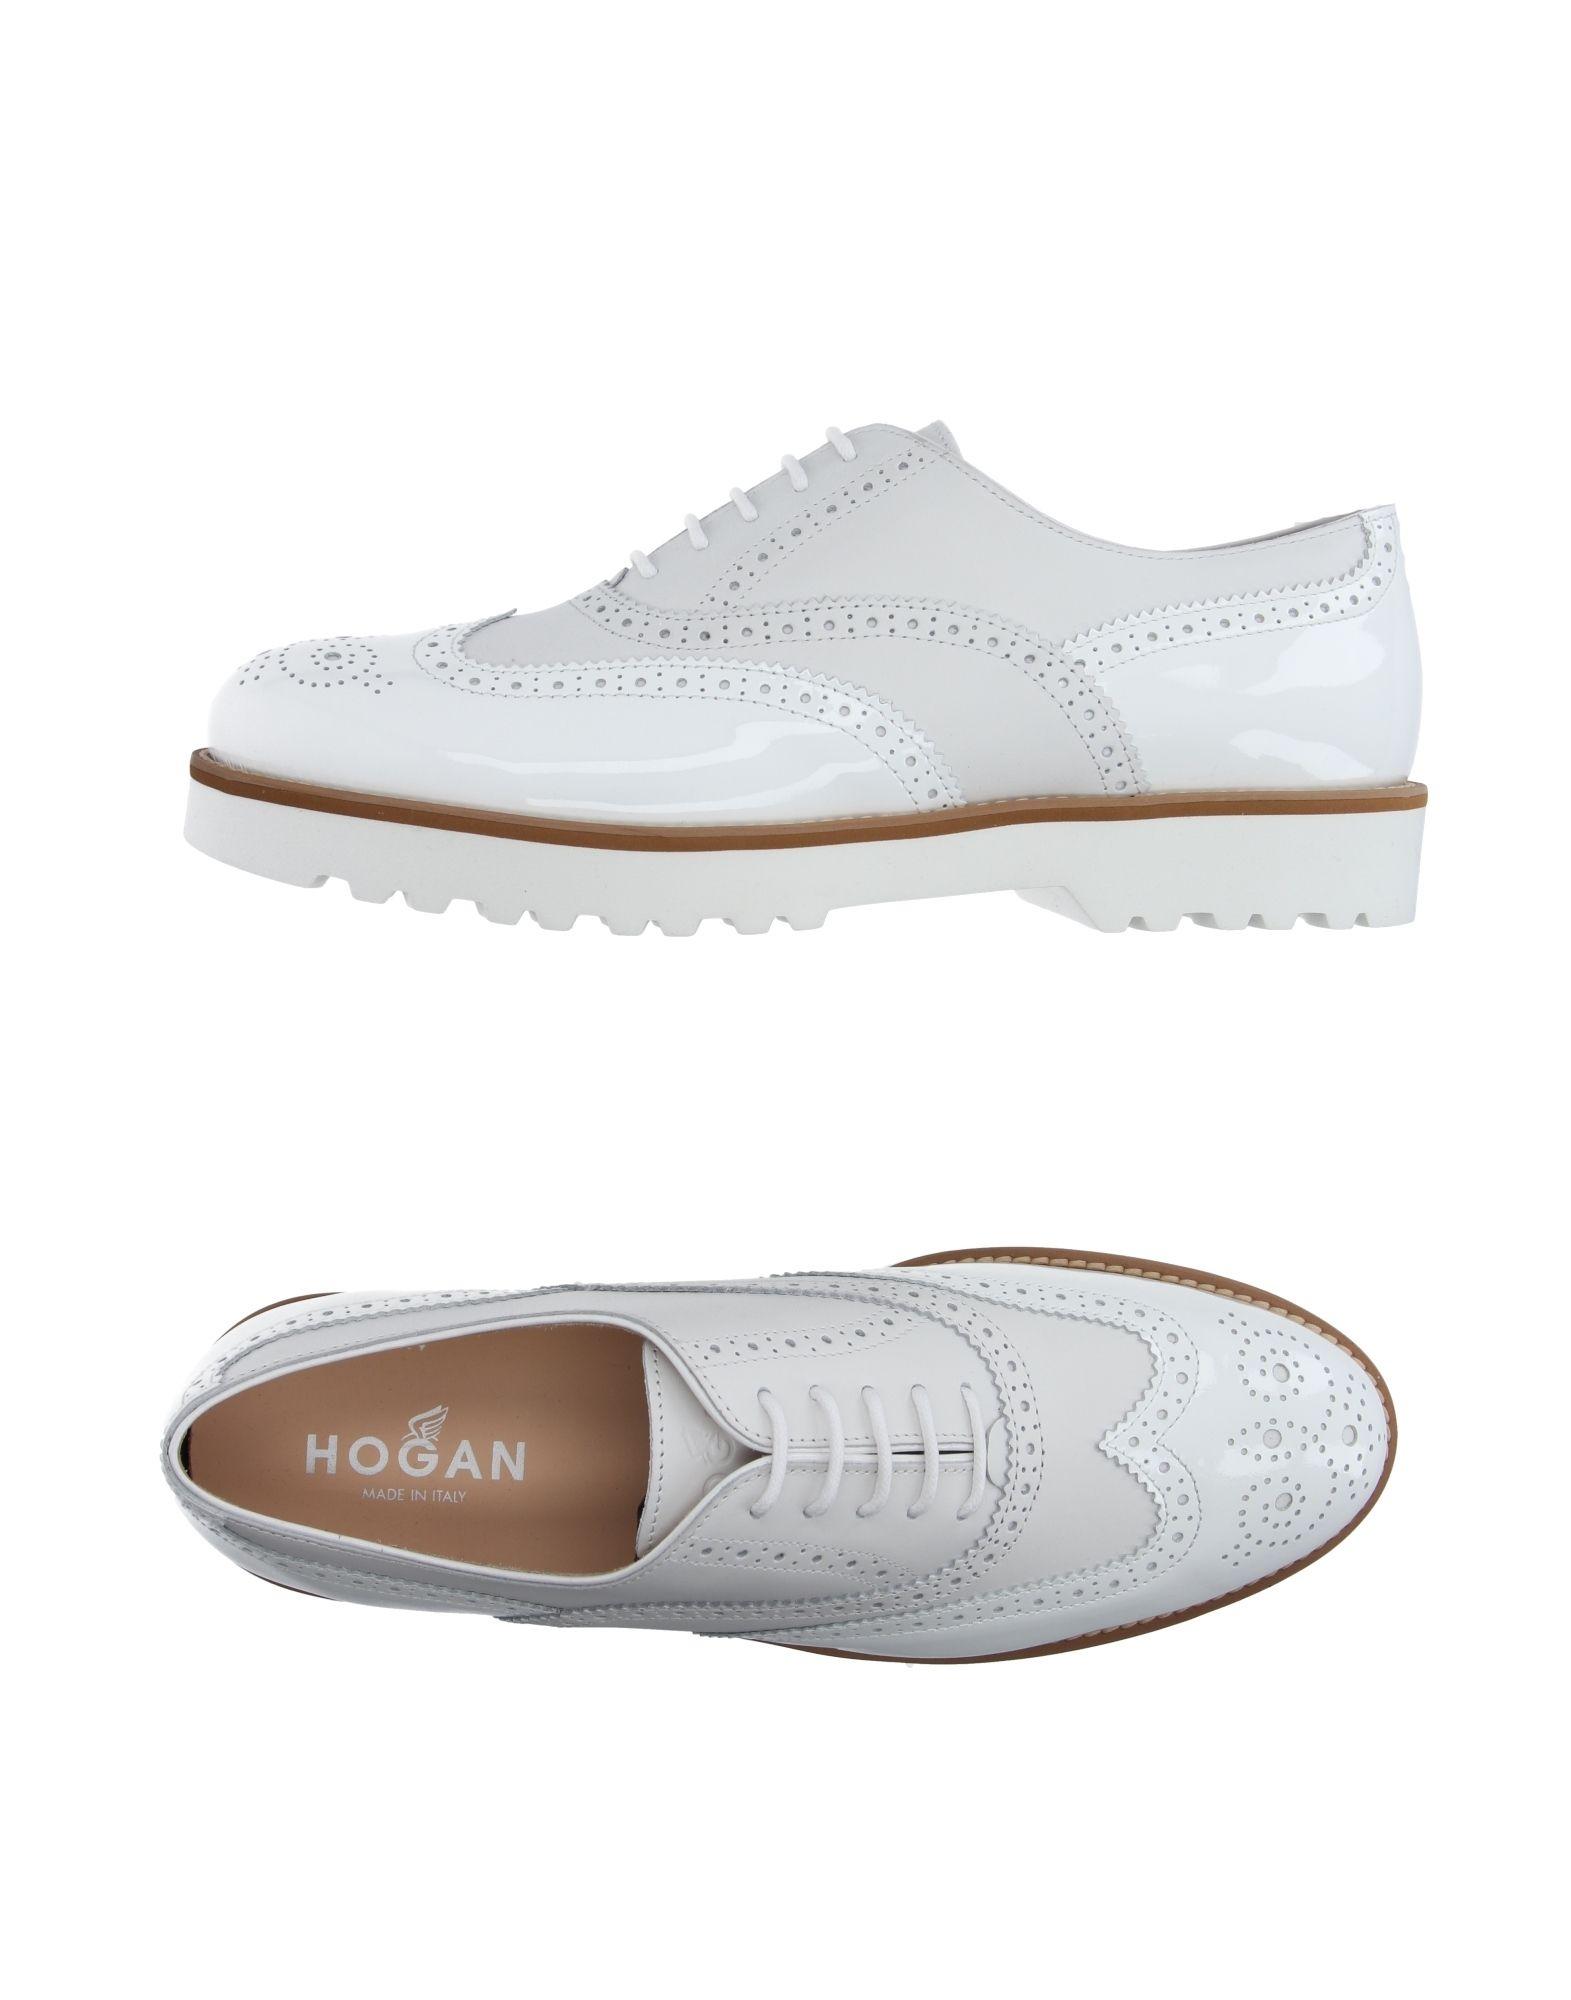 Hogan Schnürschuhe Damen  11132742SRGut aussehende strapazierfähige Schuhe